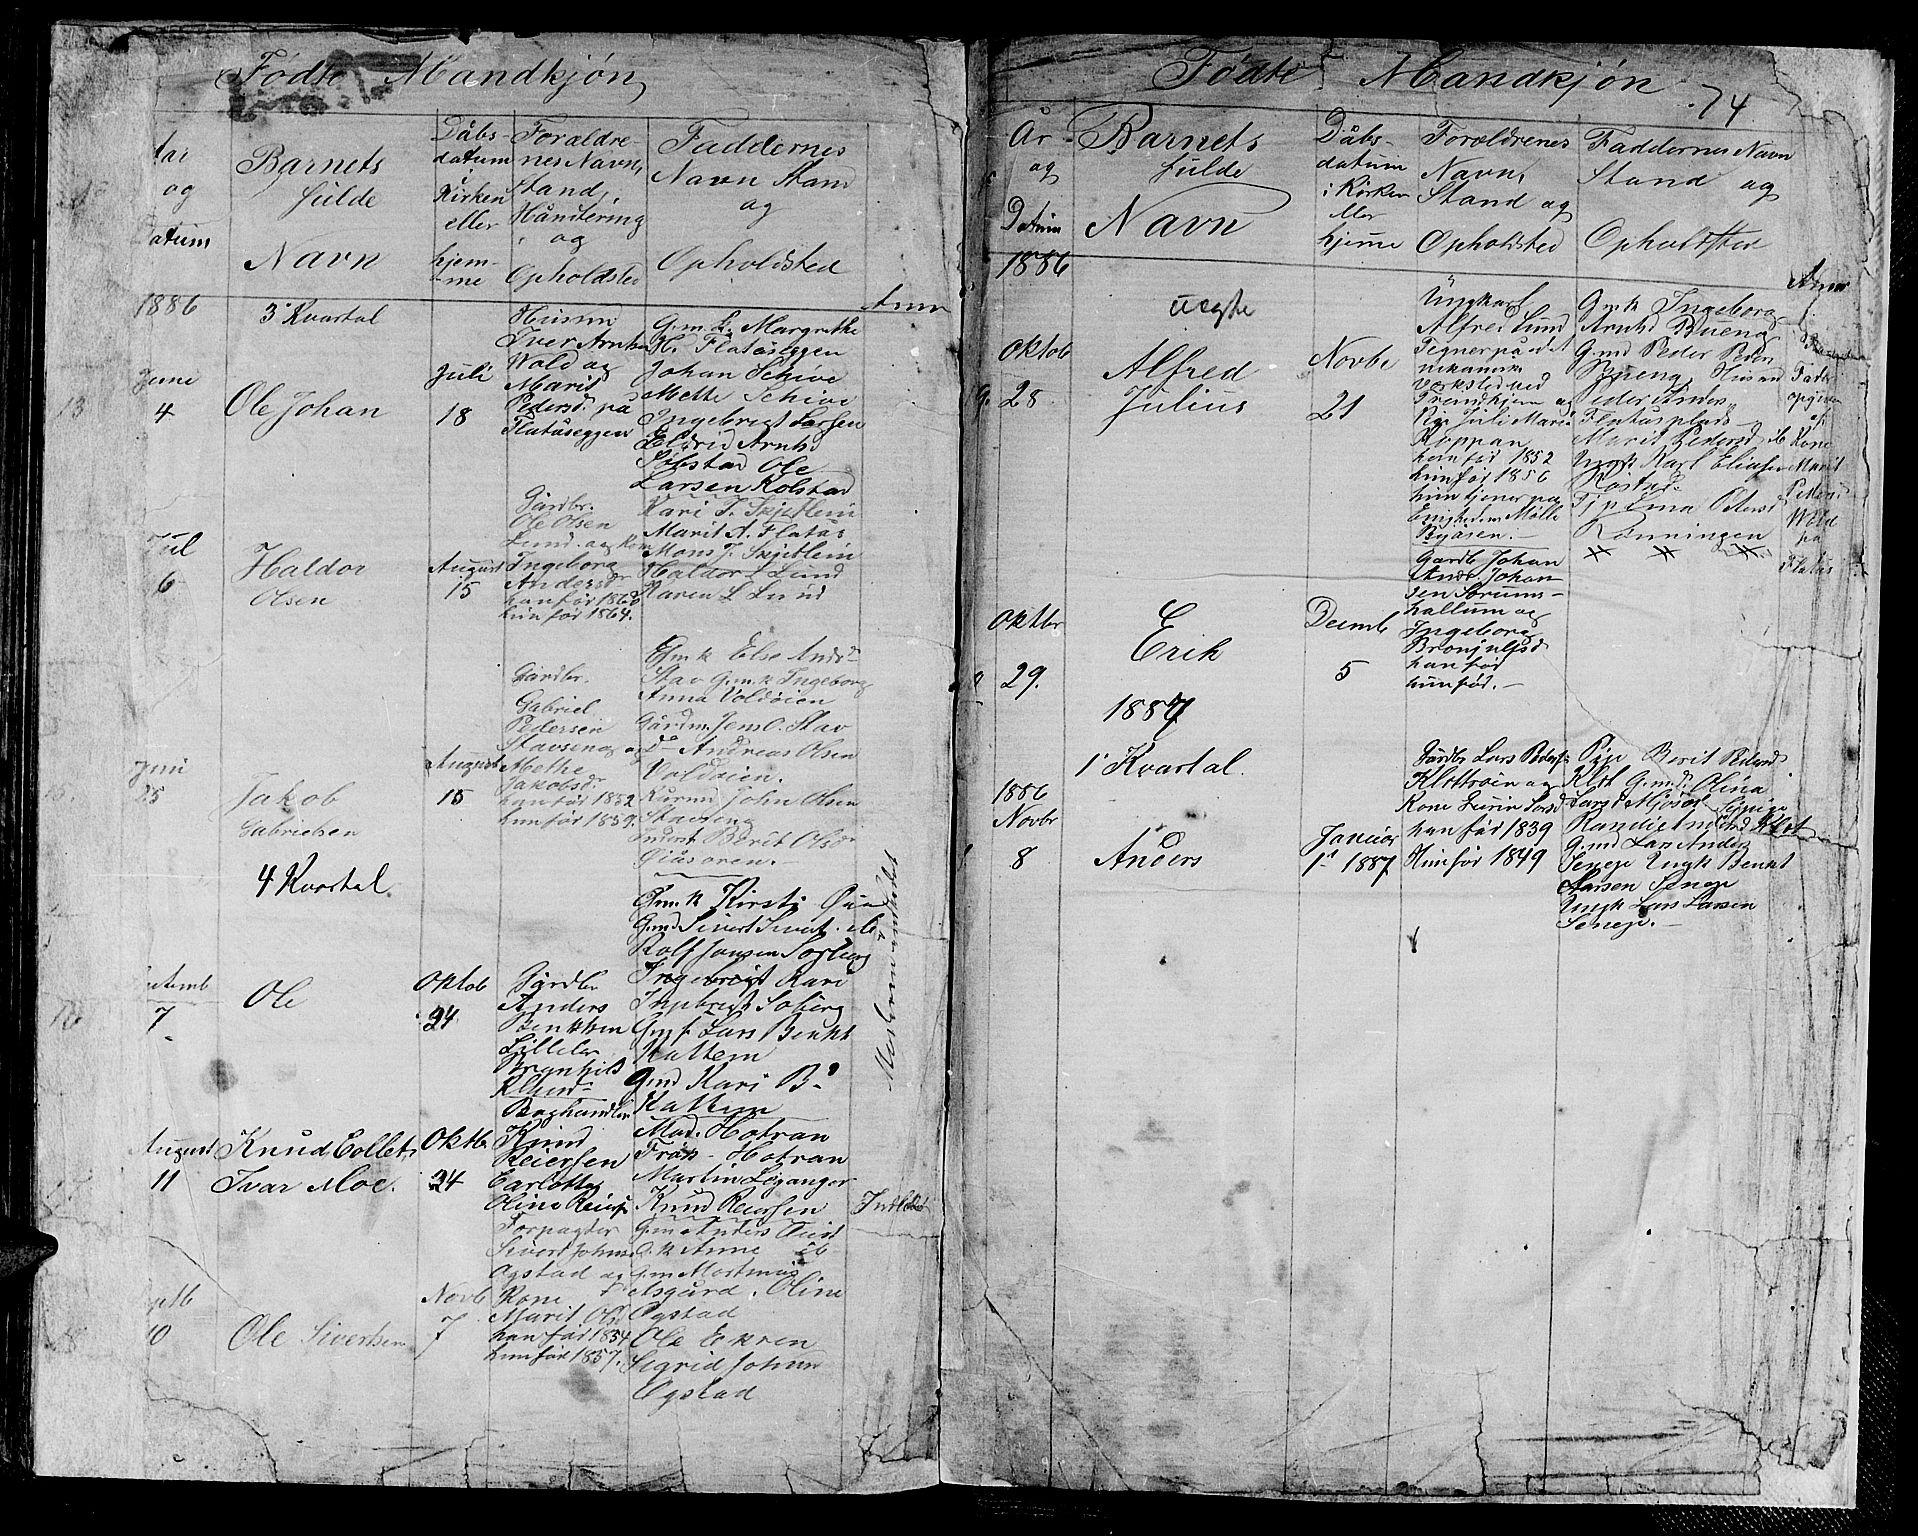 SAT, Ministerialprotokoller, klokkerbøker og fødselsregistre - Sør-Trøndelag, 613/L0394: Klokkerbok nr. 613C02, 1862-1886, s. 74